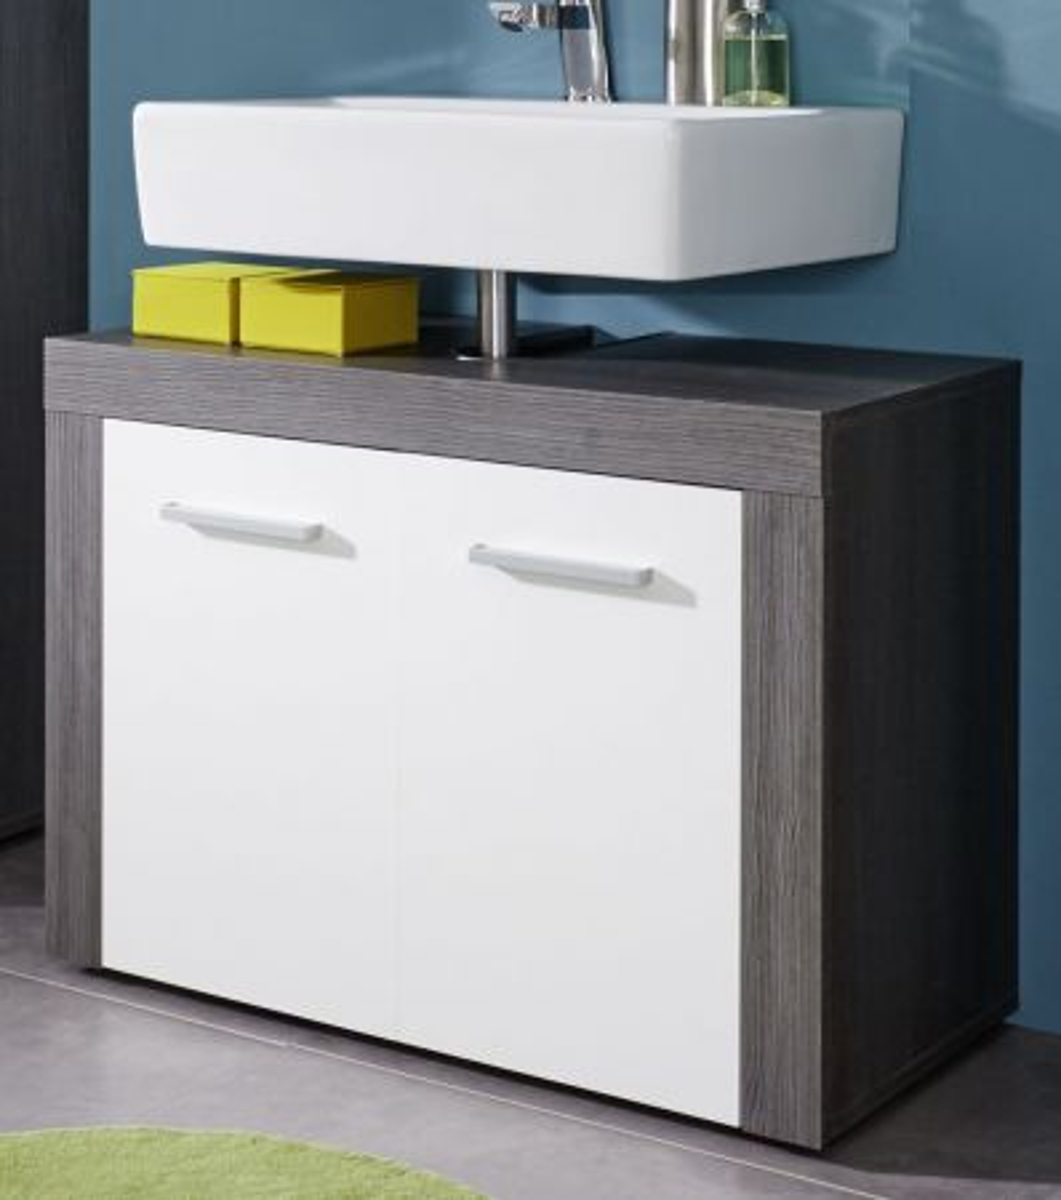 Waschbeckenunterschrank weiss und Sardegna grau Rauchsilber Badmöbel Miami 72 x 56 cm